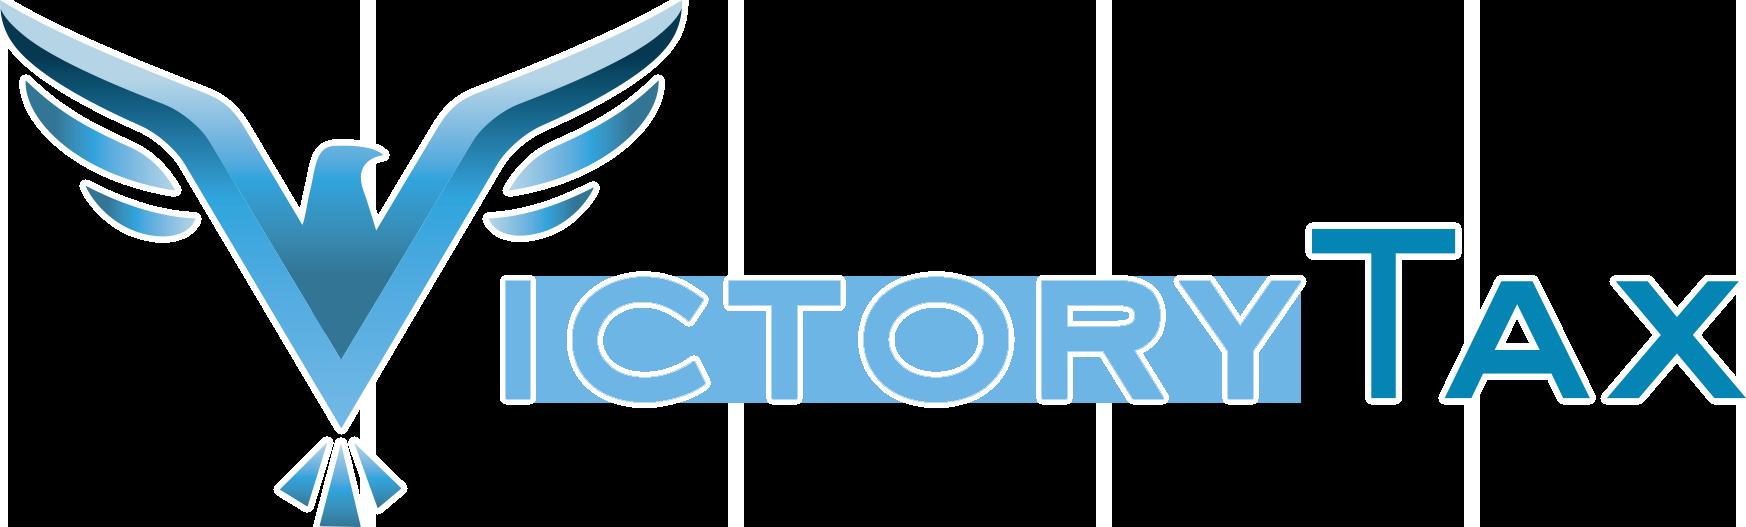 Victory Tax